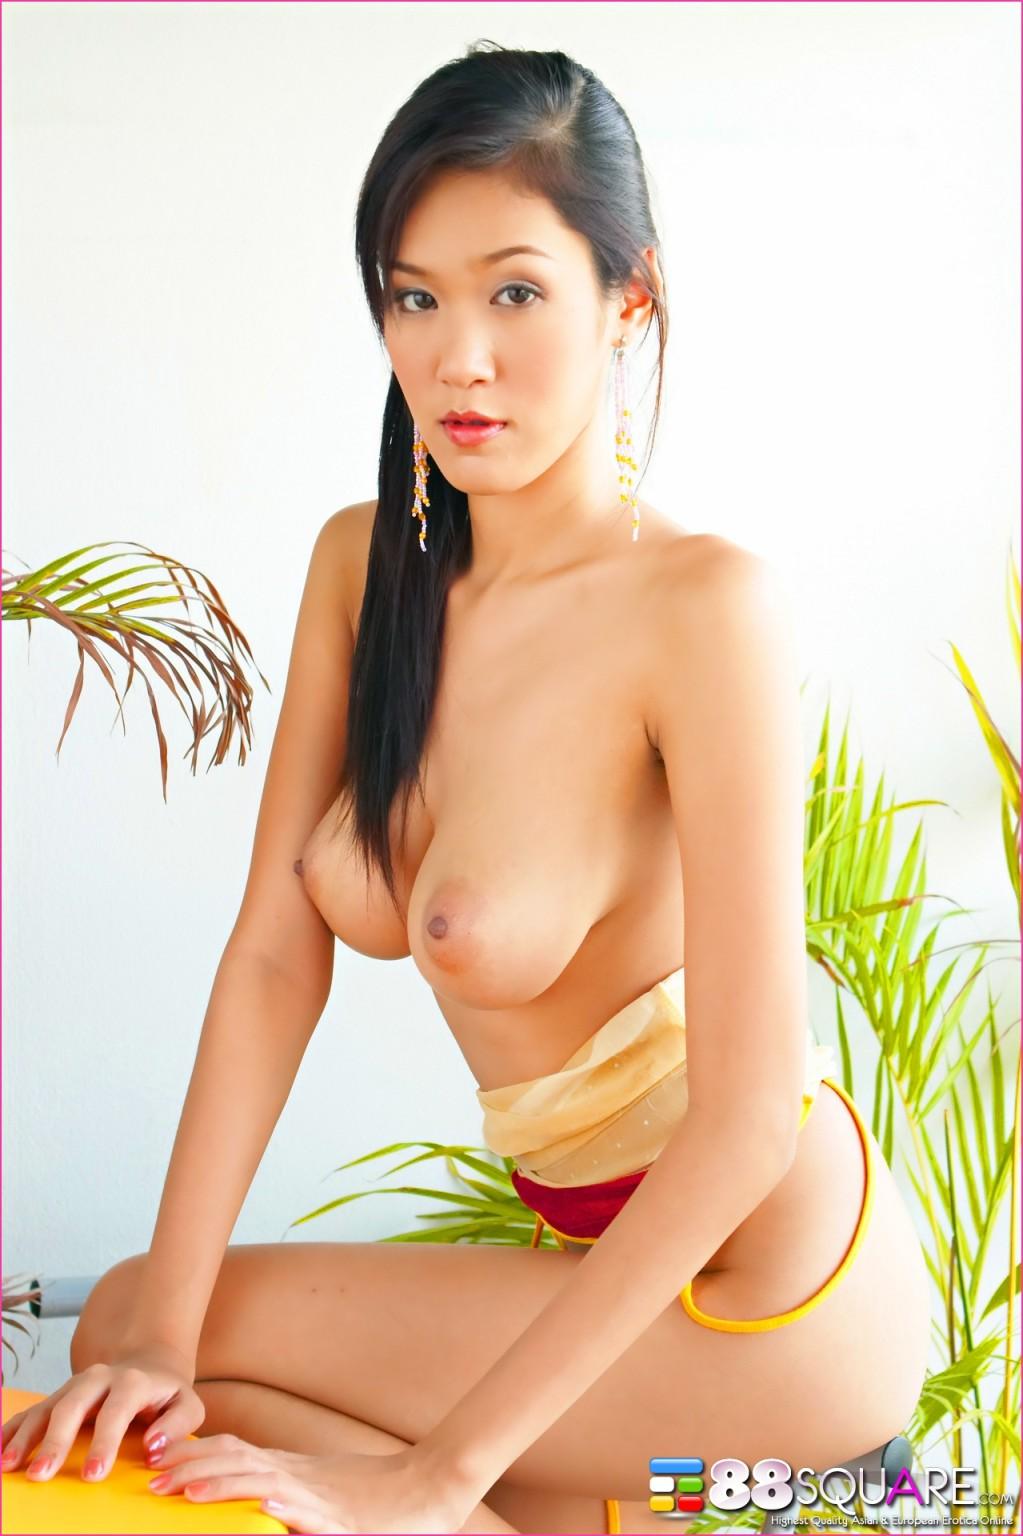 Ирен с ее темной волосатой вагиной и натуральными сиськами аппетитно выглядит, но застенчиво прикрывает анал